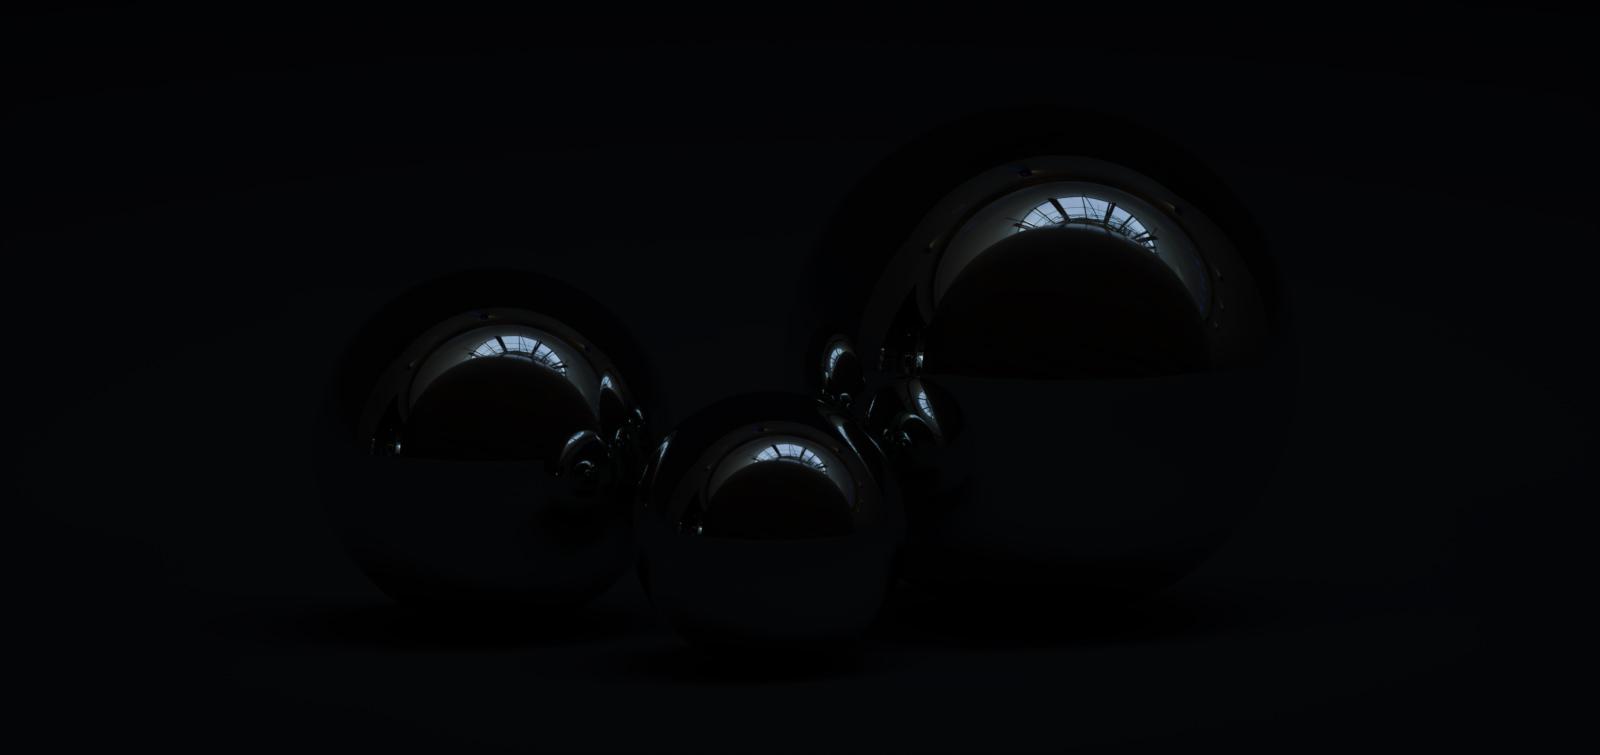 chrome_balls-6.5.jpg